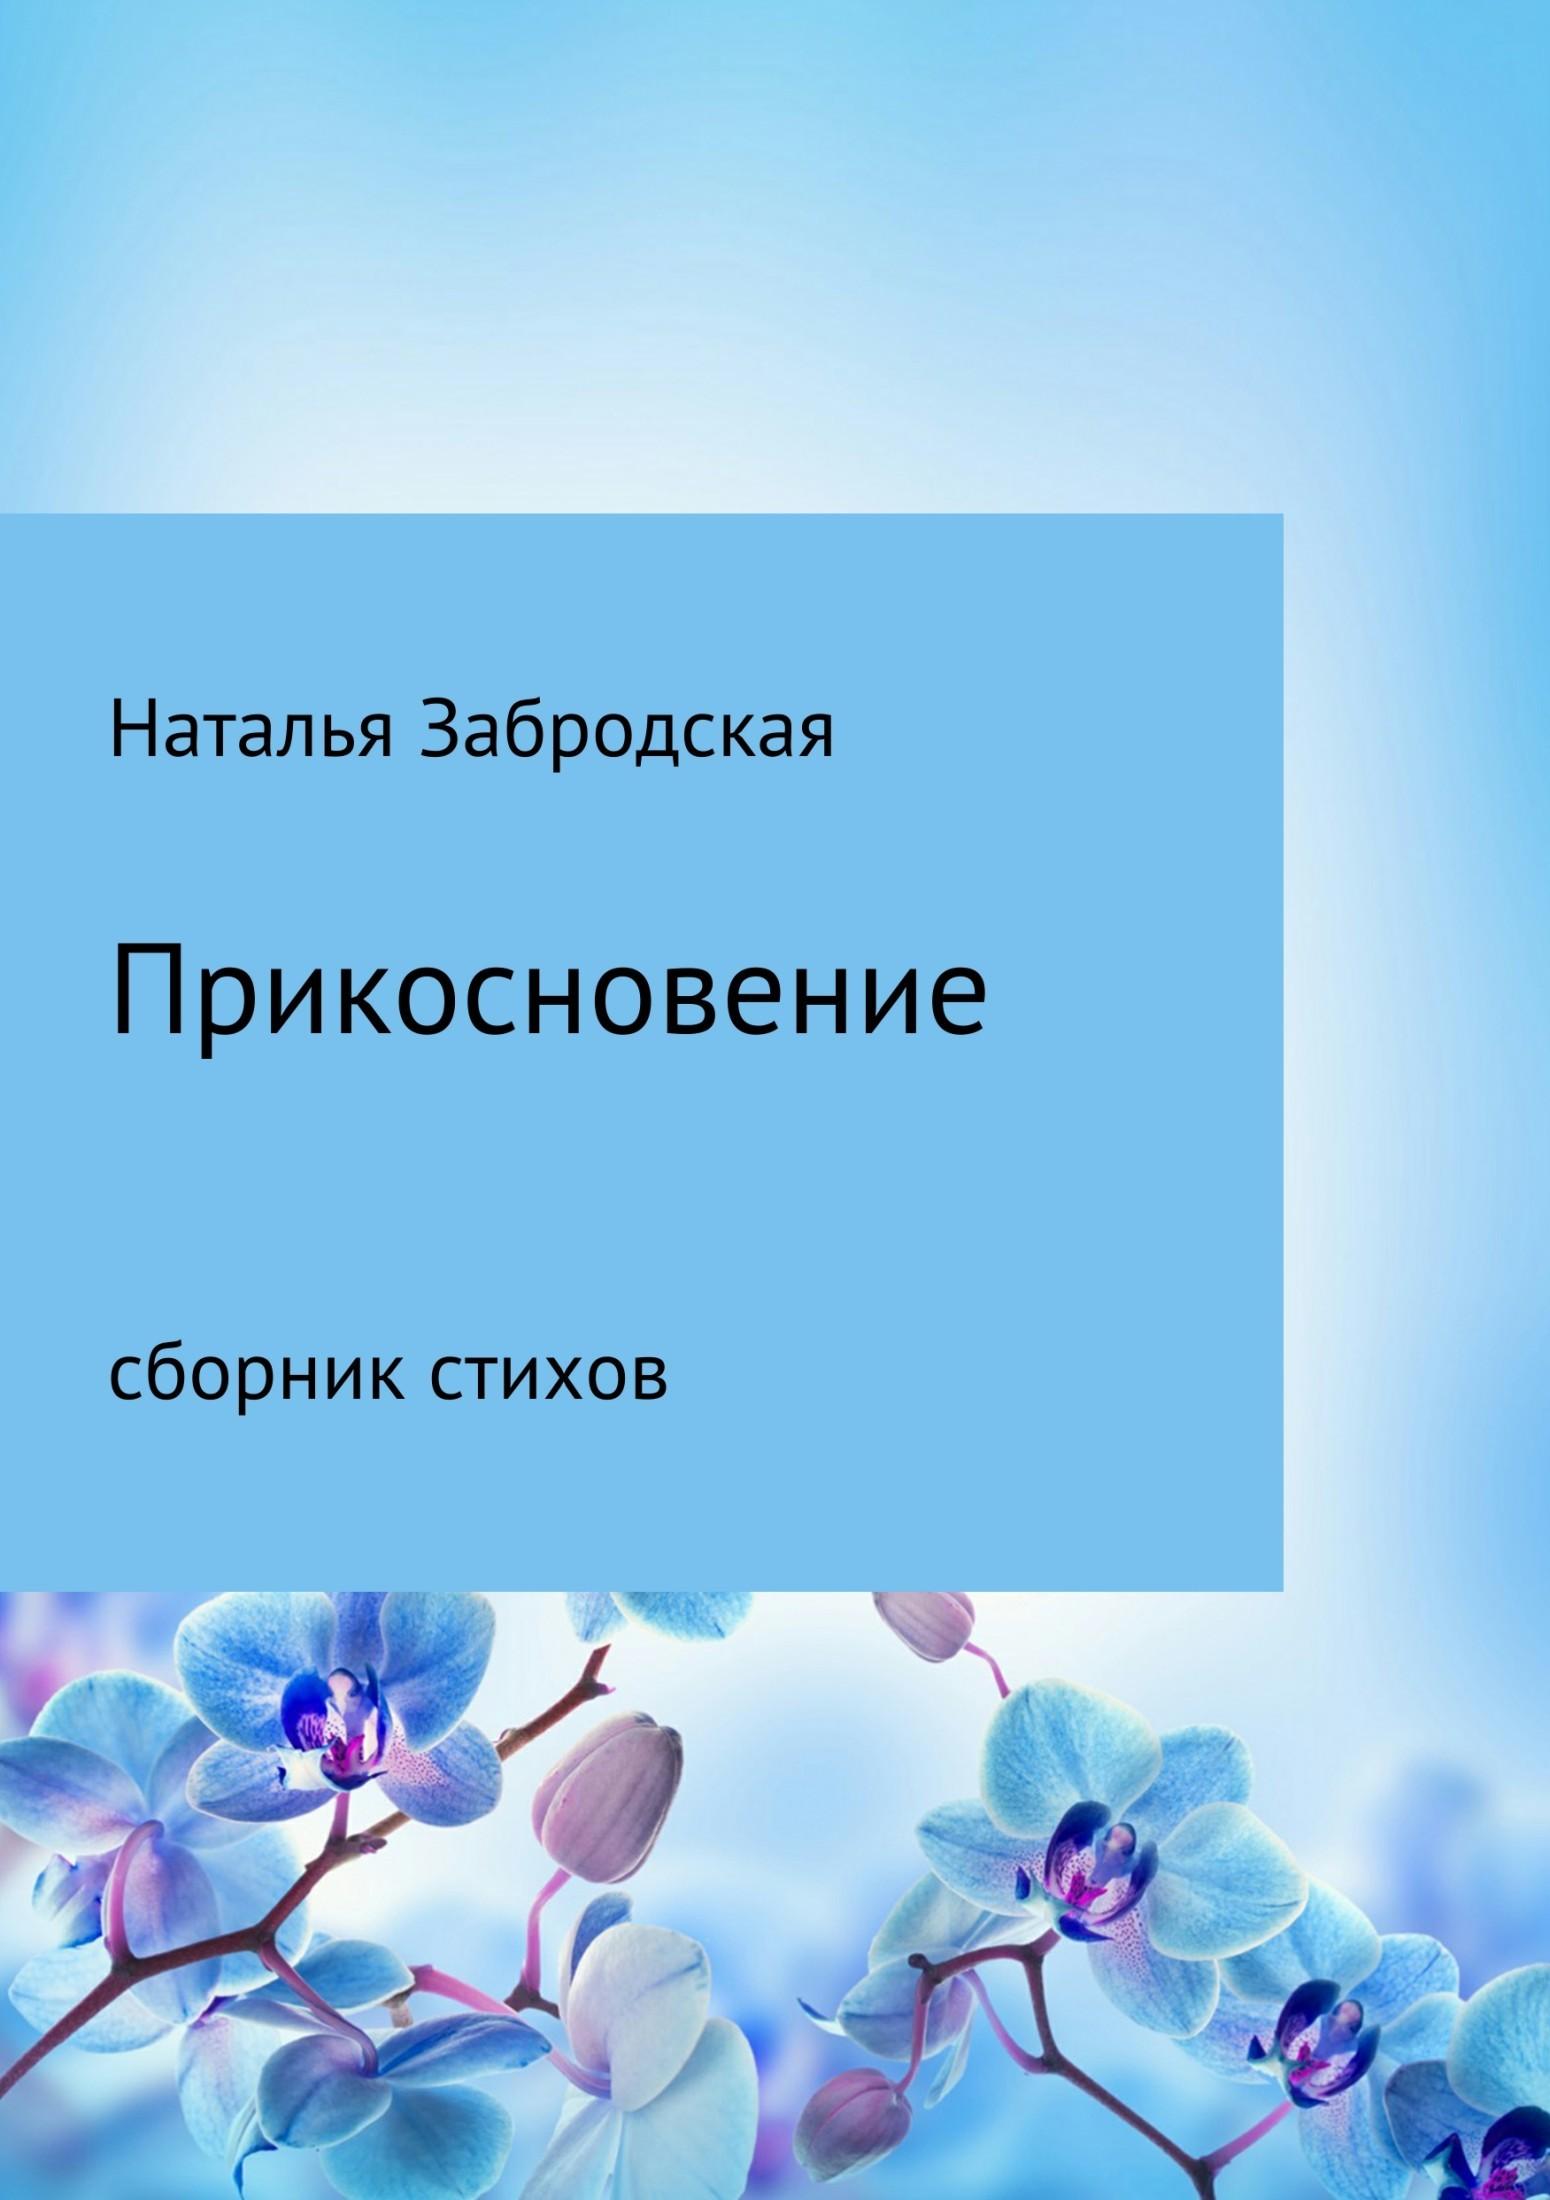 Наталья Николаевна Забродская Прикосновение наталья данилова однажды сборник стихов исказочных историй